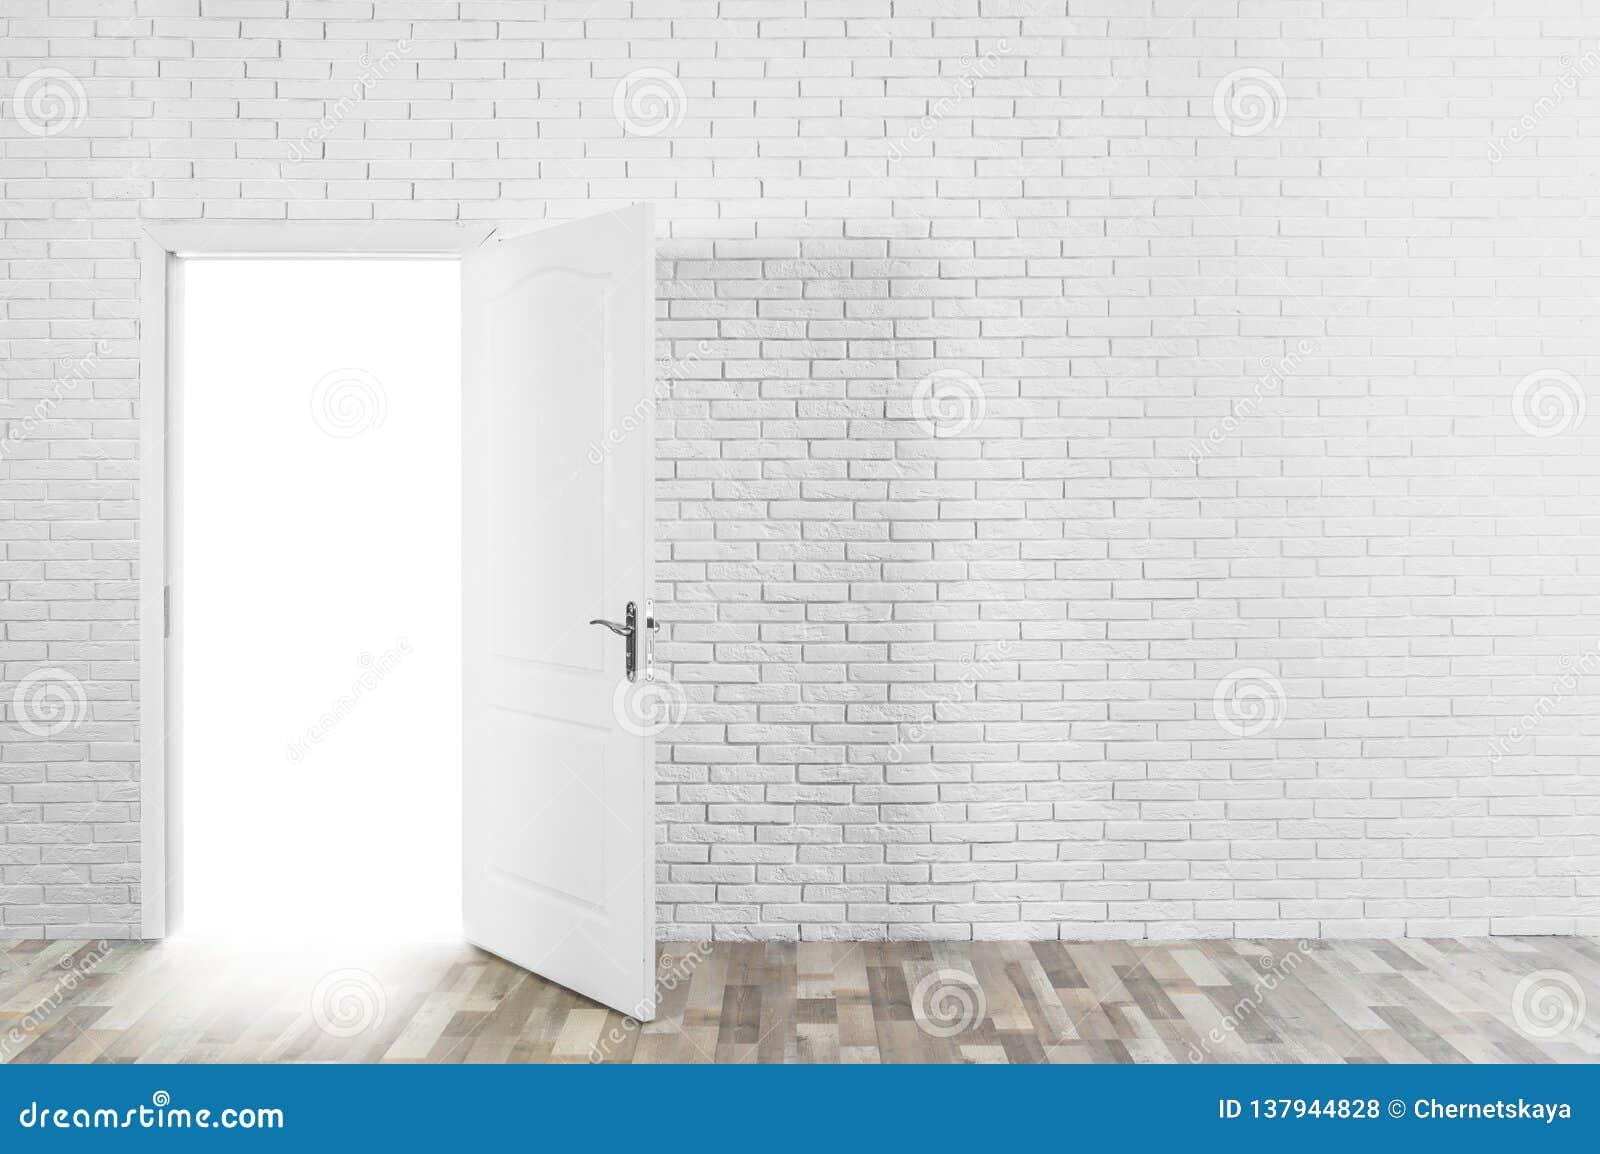 Свет приходя вне через раскрытую дверь в кирпичной стене